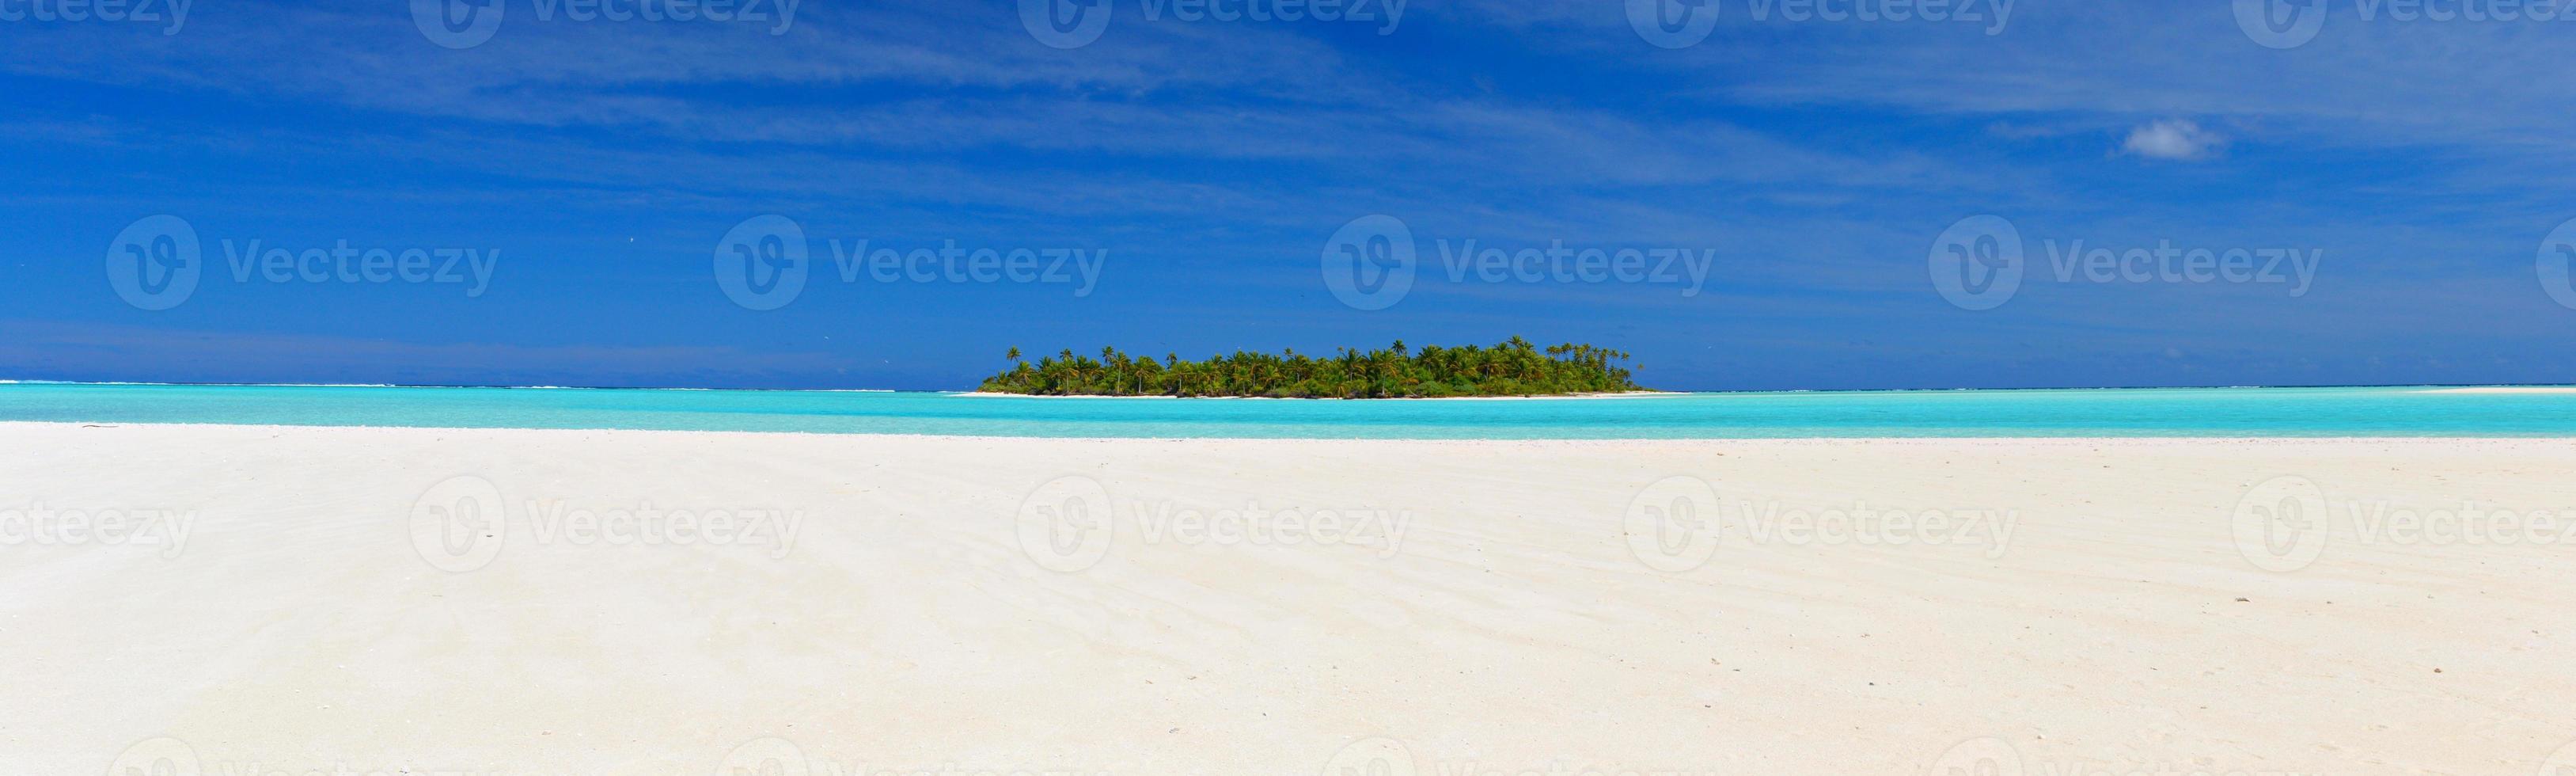 xl vista panoramica di un atollo pacifico foto